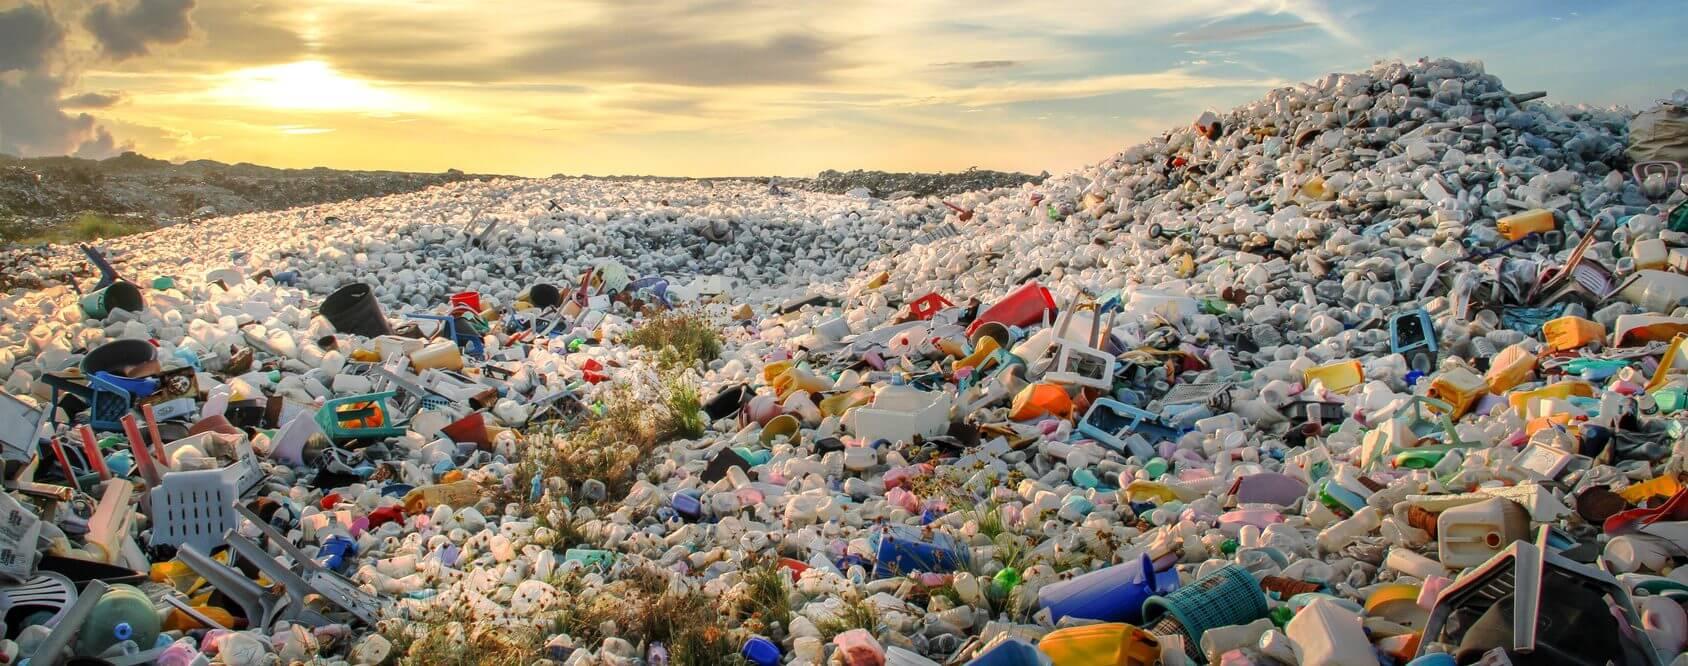 Quantité énorme de déchets plastiques entassés